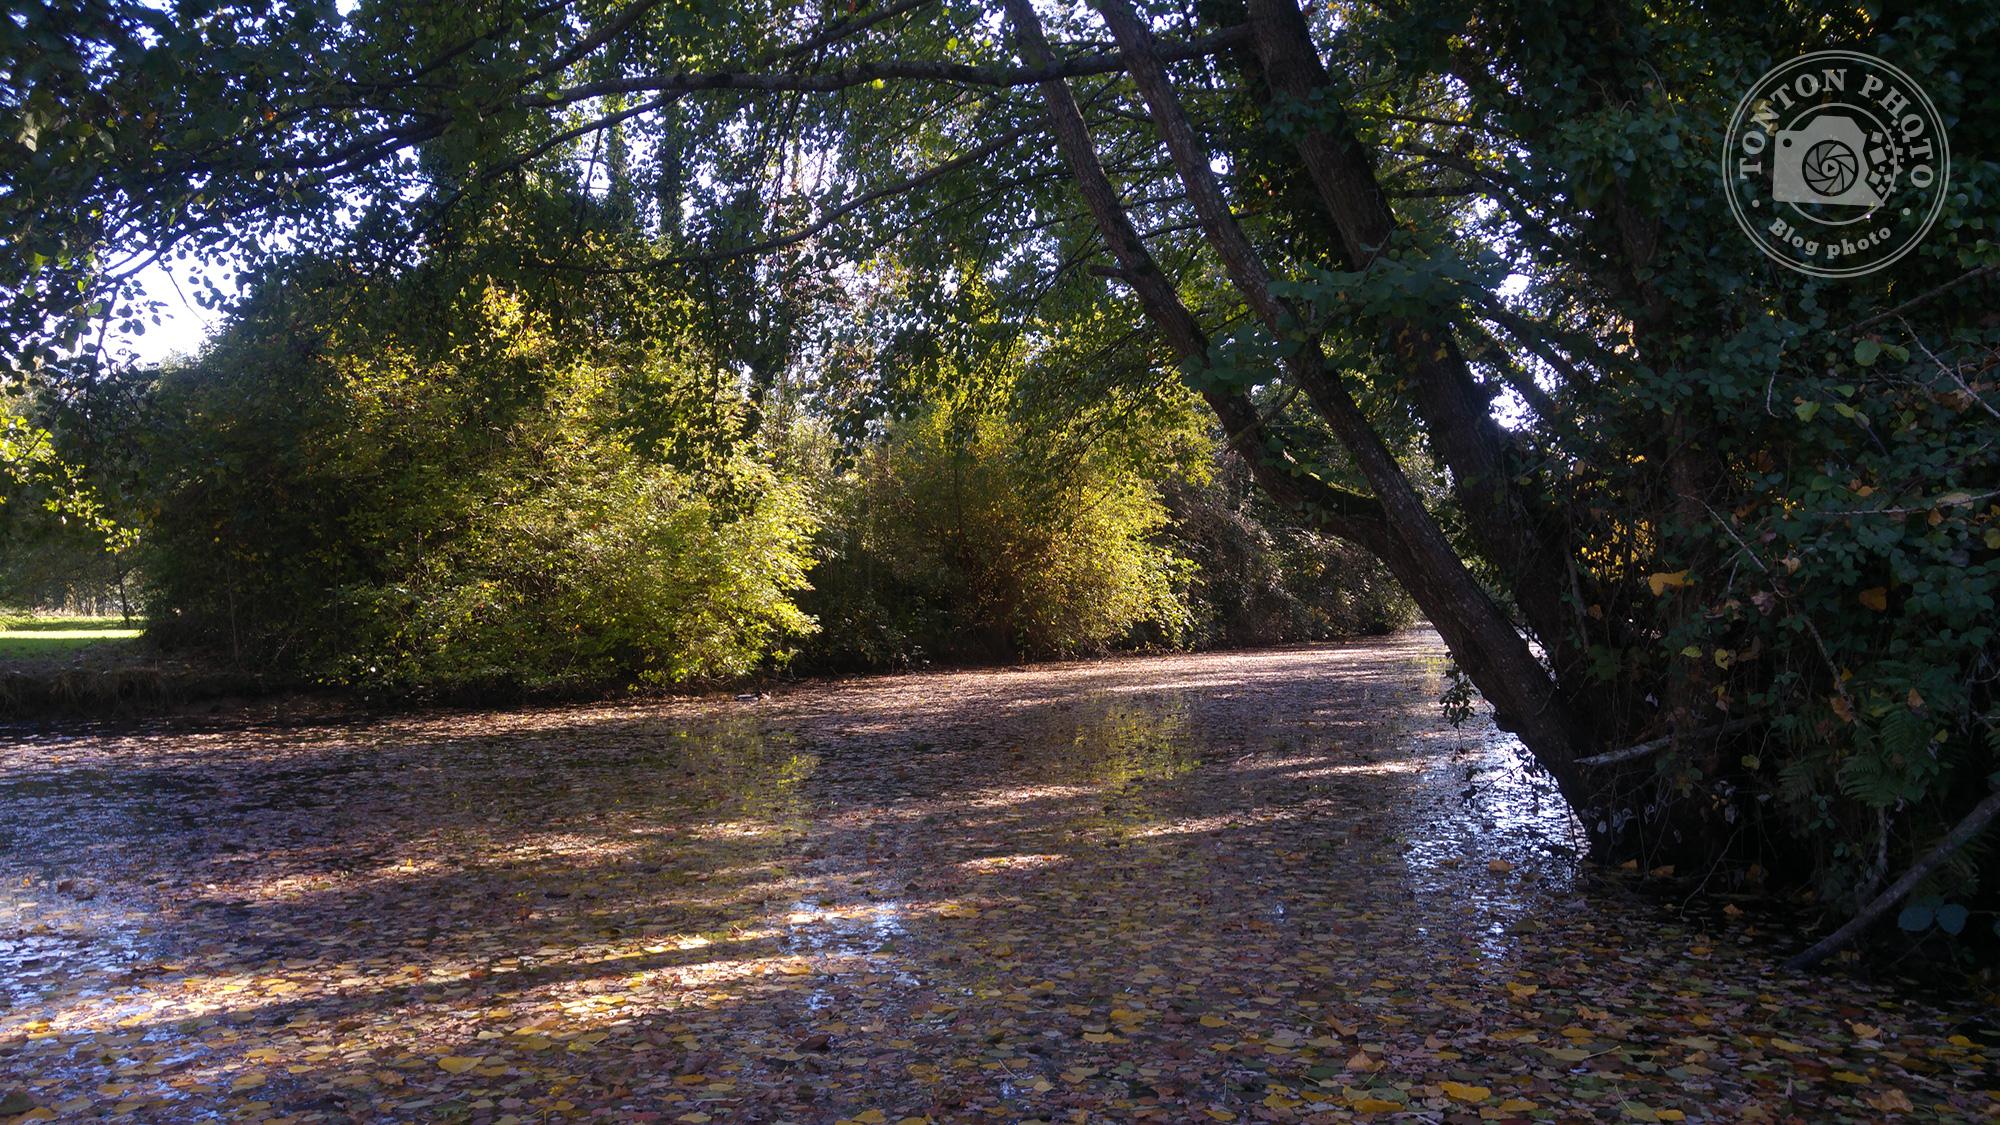 Test du photophone LG G4 : Feuilles mortes sur un petit cours d'eau près de Rennes (Bretagne, France). F/1.8 - 1/125 - ISO 50 © Clément Racineux / Tonton Photo